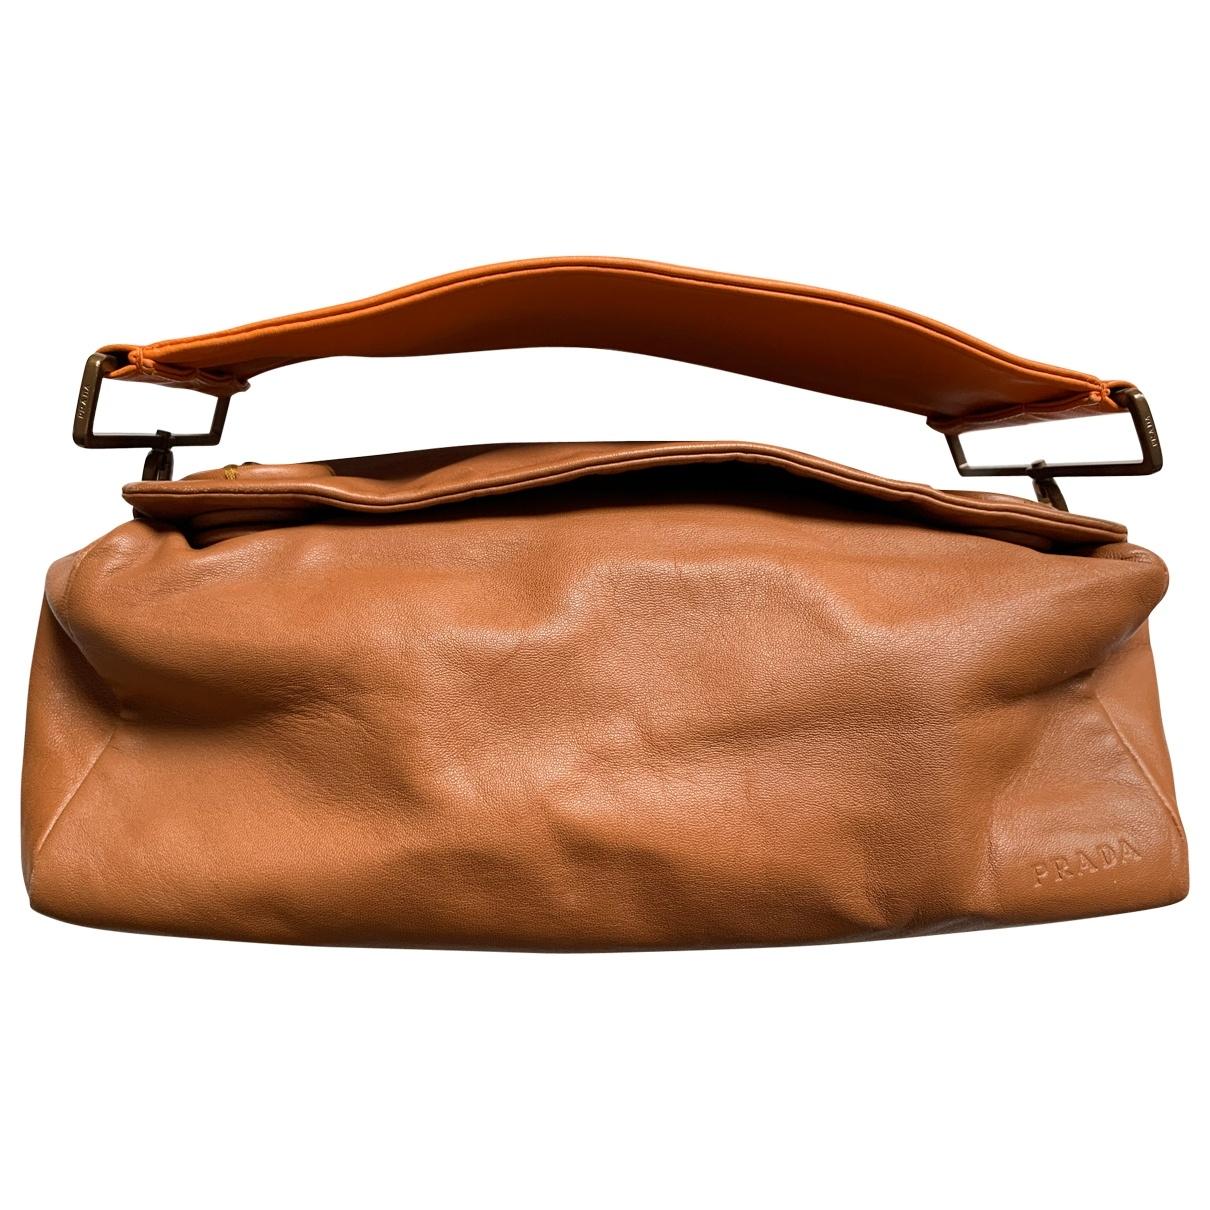 Prada \N Handtasche in  Bunt Leder